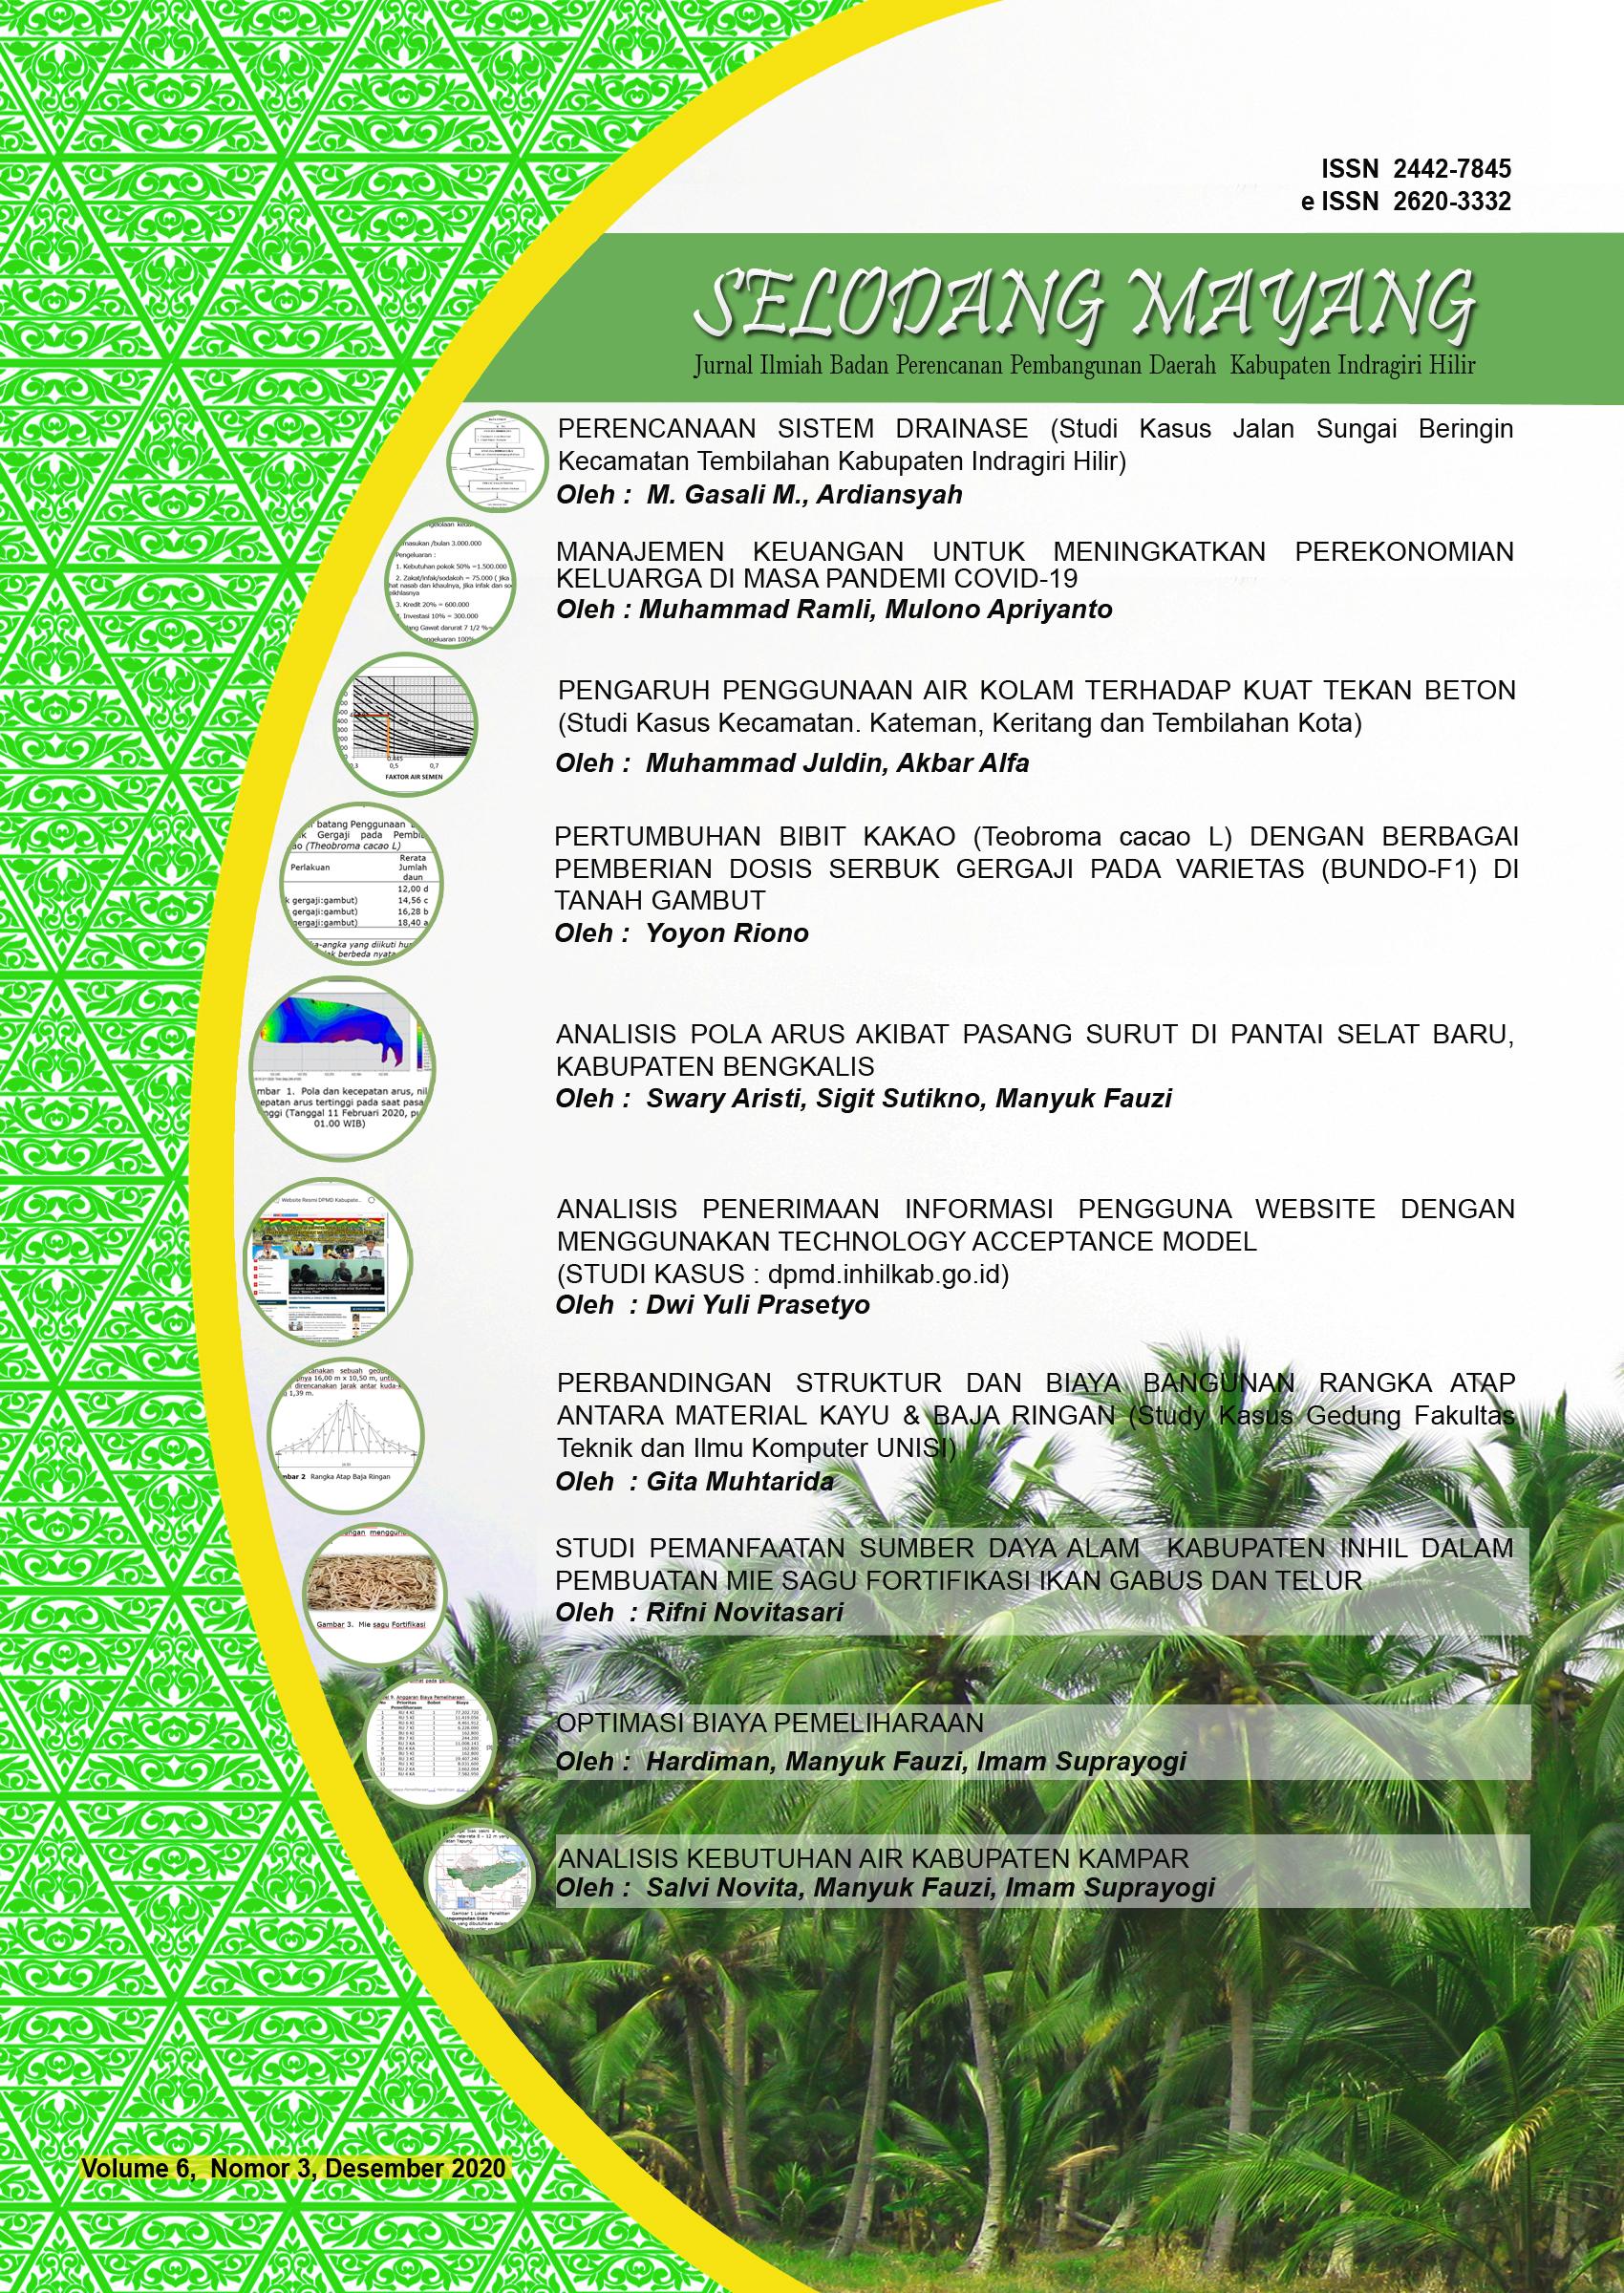 Jurnal Selodang Mayang